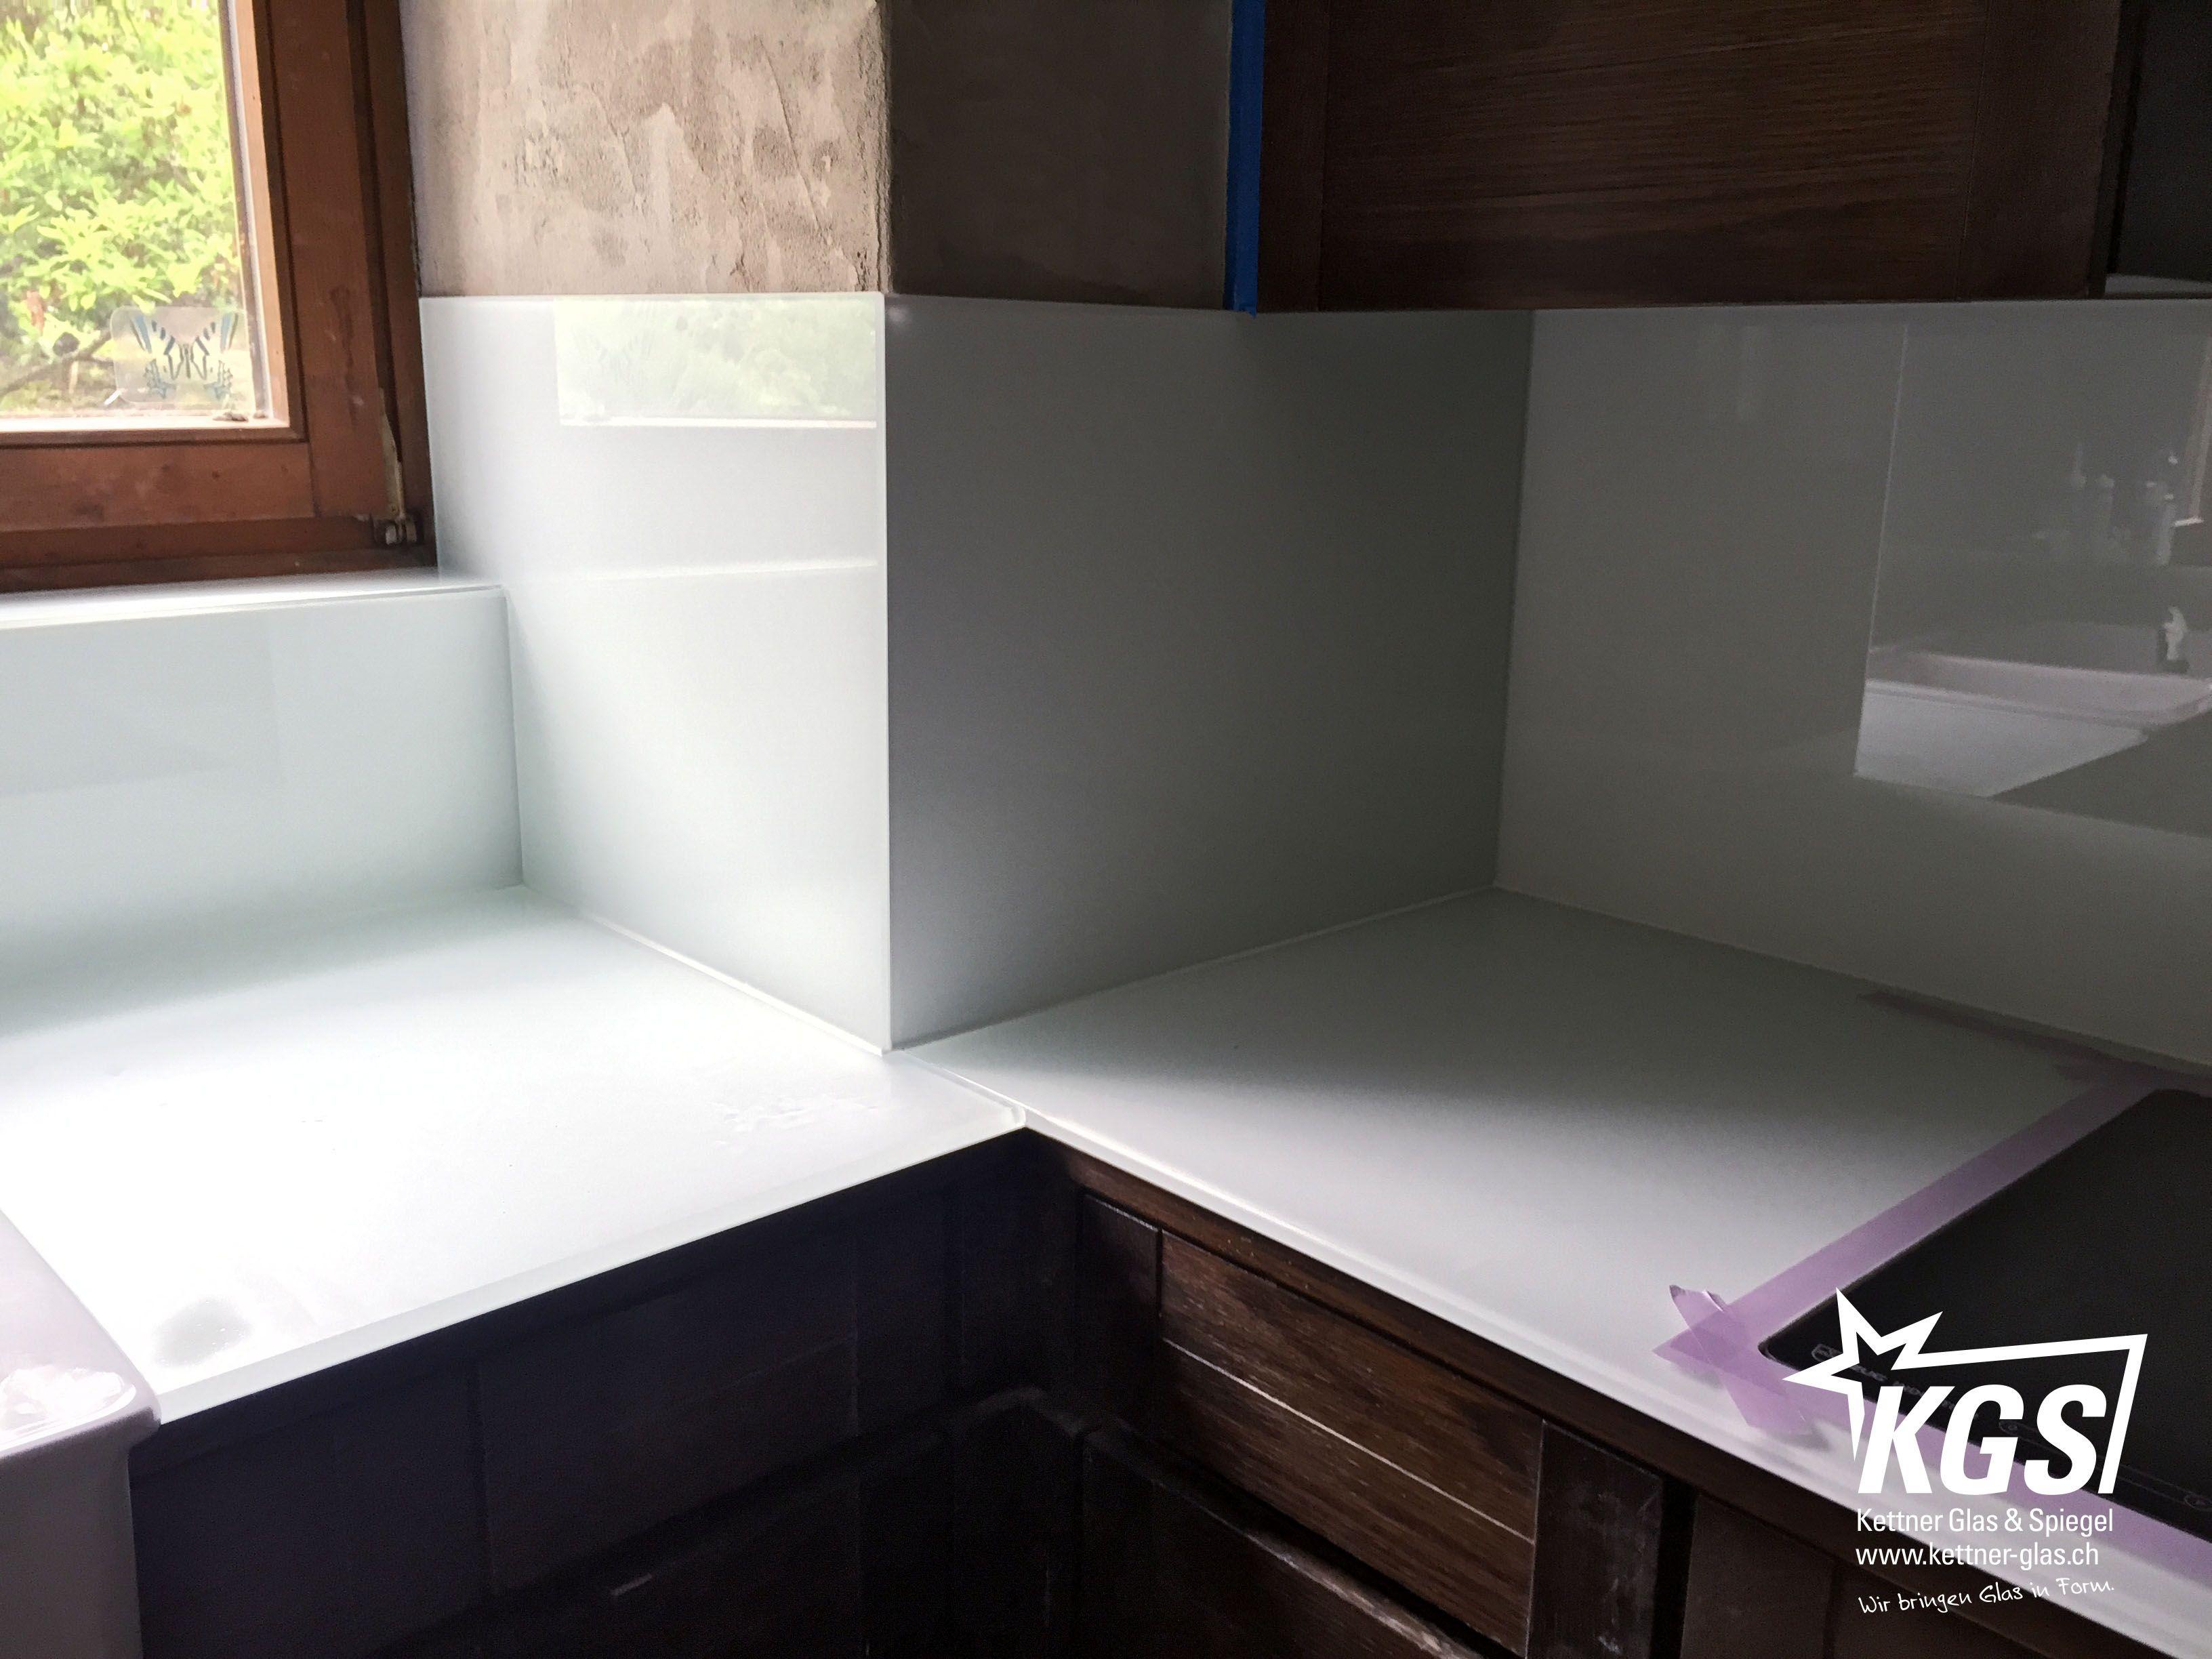 Küchenrückwand Selbstklebend ~ Küchenrückwand und arbeitsfläche aus diamant glas mit hochweisser